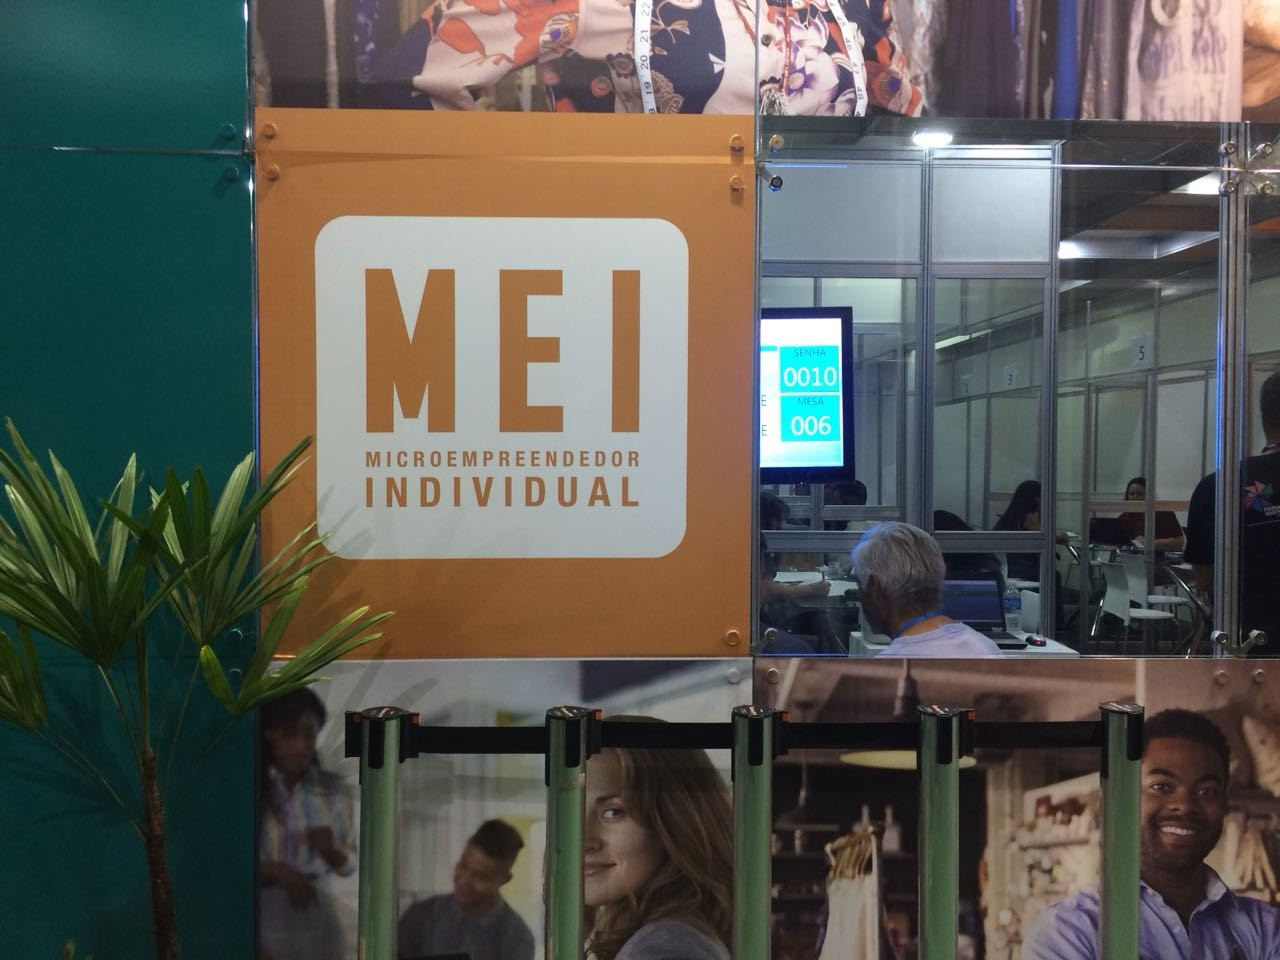 Campinas atinge marca de 100 mil MEIs ativos, volume 18,6% maior que no ano anterior: 'Tendência'